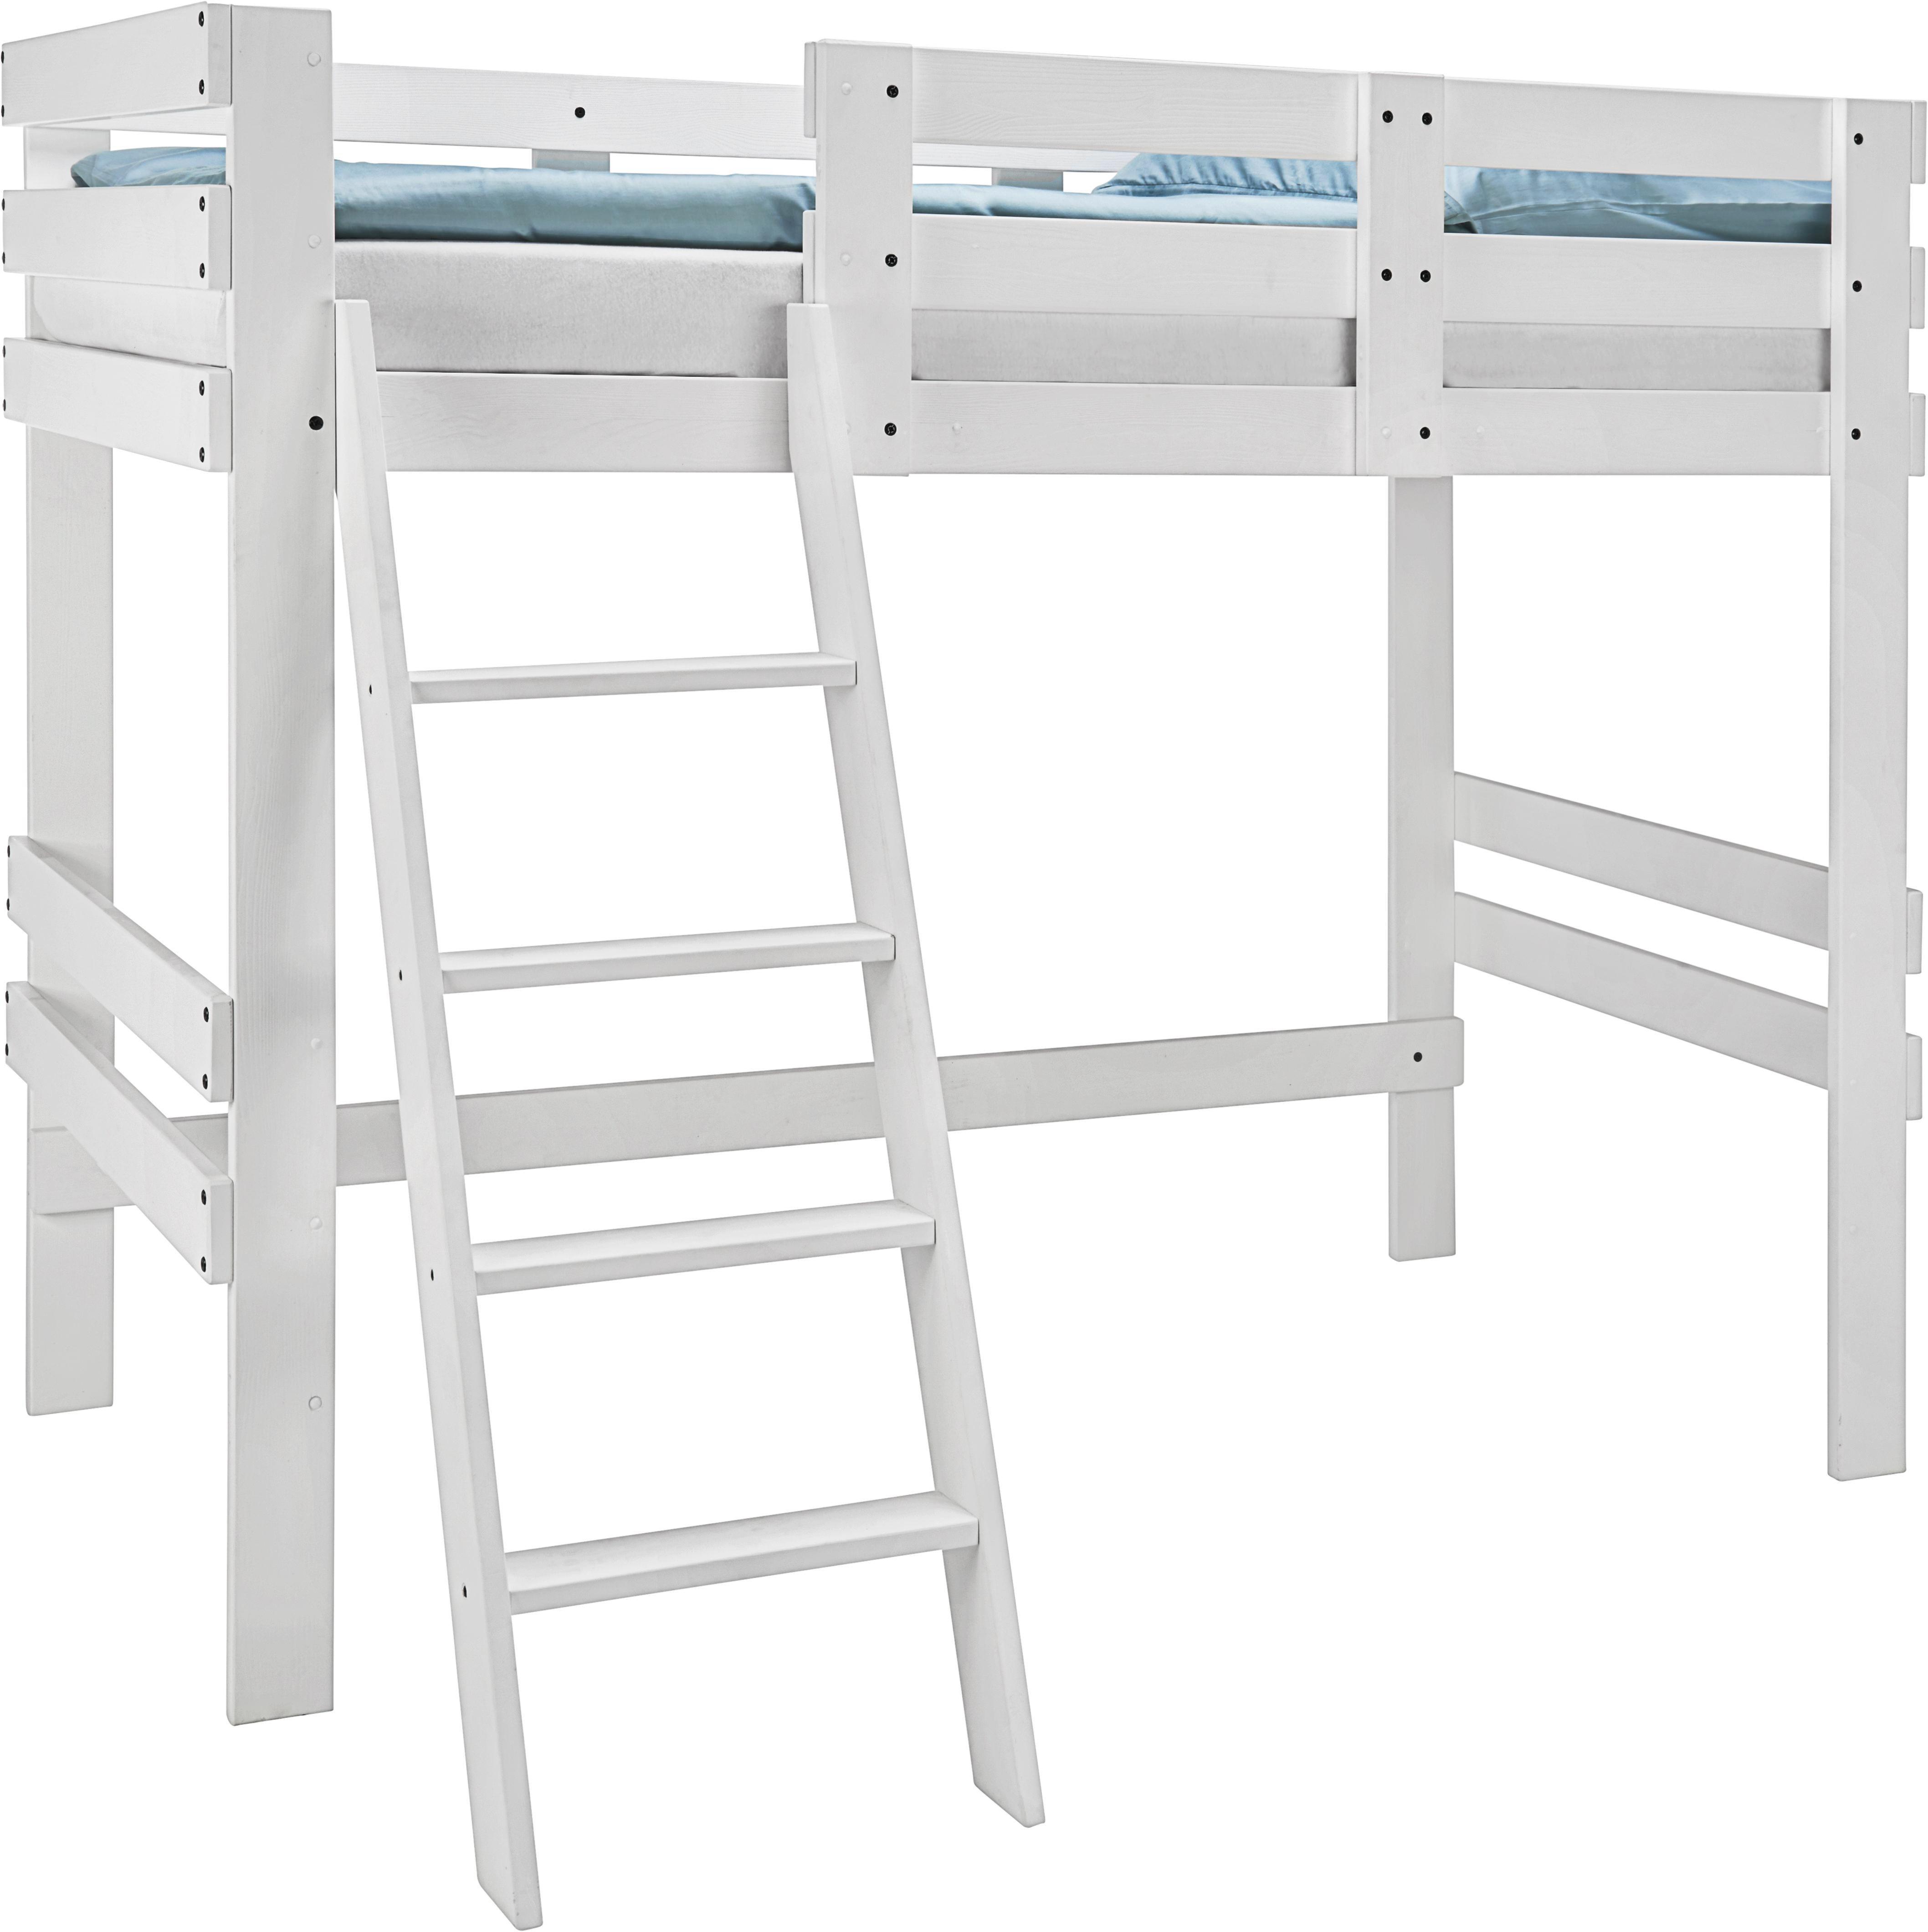 Hochbett in Weiß, ca. 90x200cm - Weiß, MODERN, Holz (205/165/100cm) - ZANDIARA